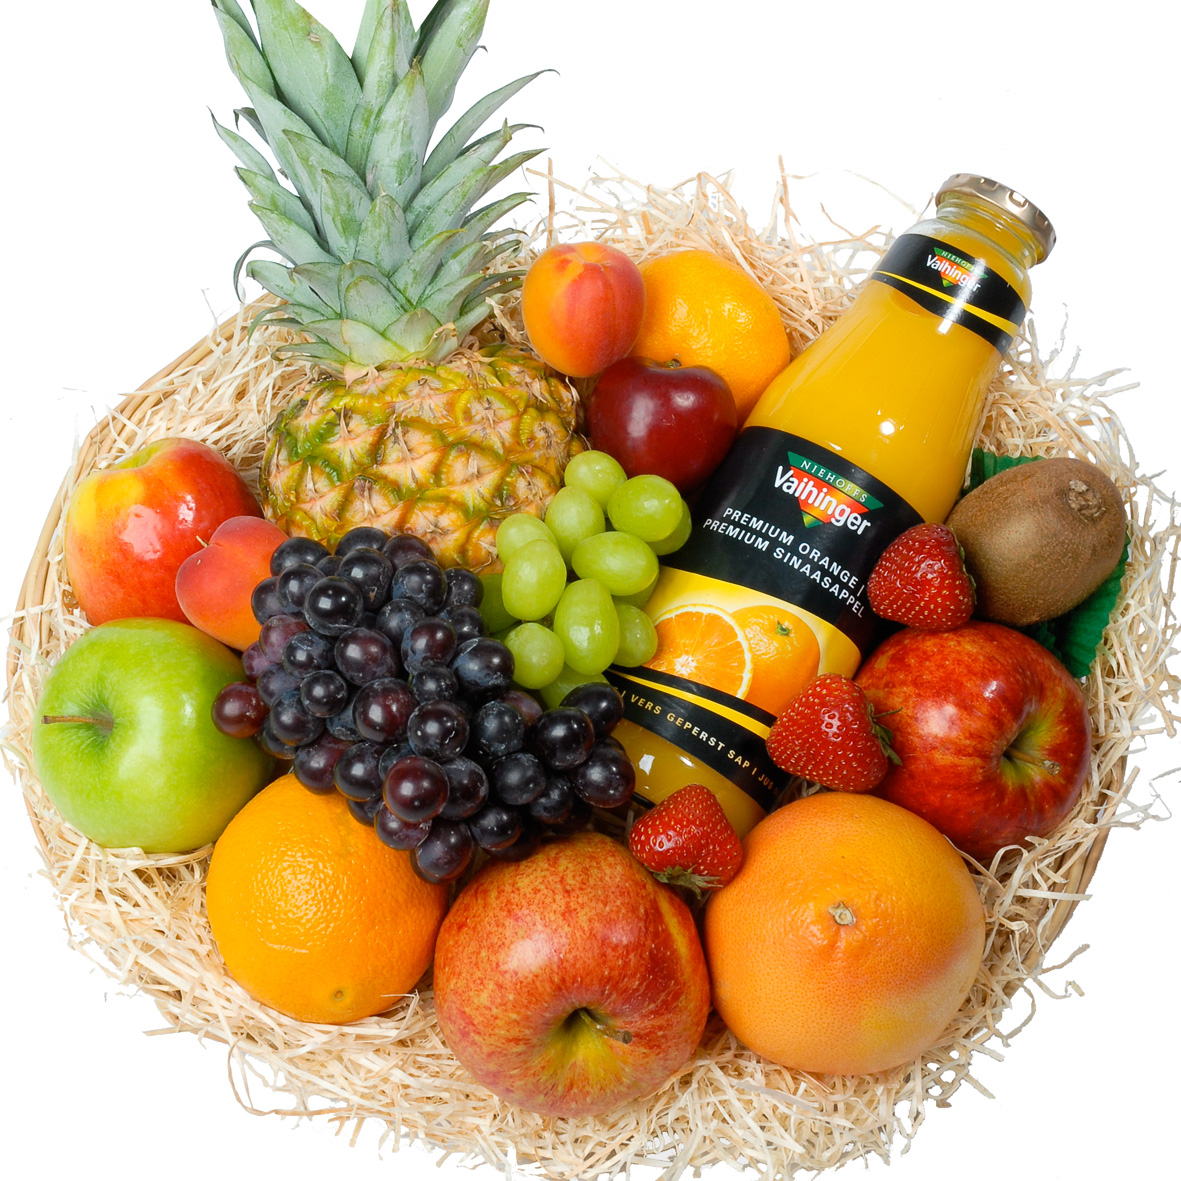 Nederlandse Fruitmand Jus d'orange